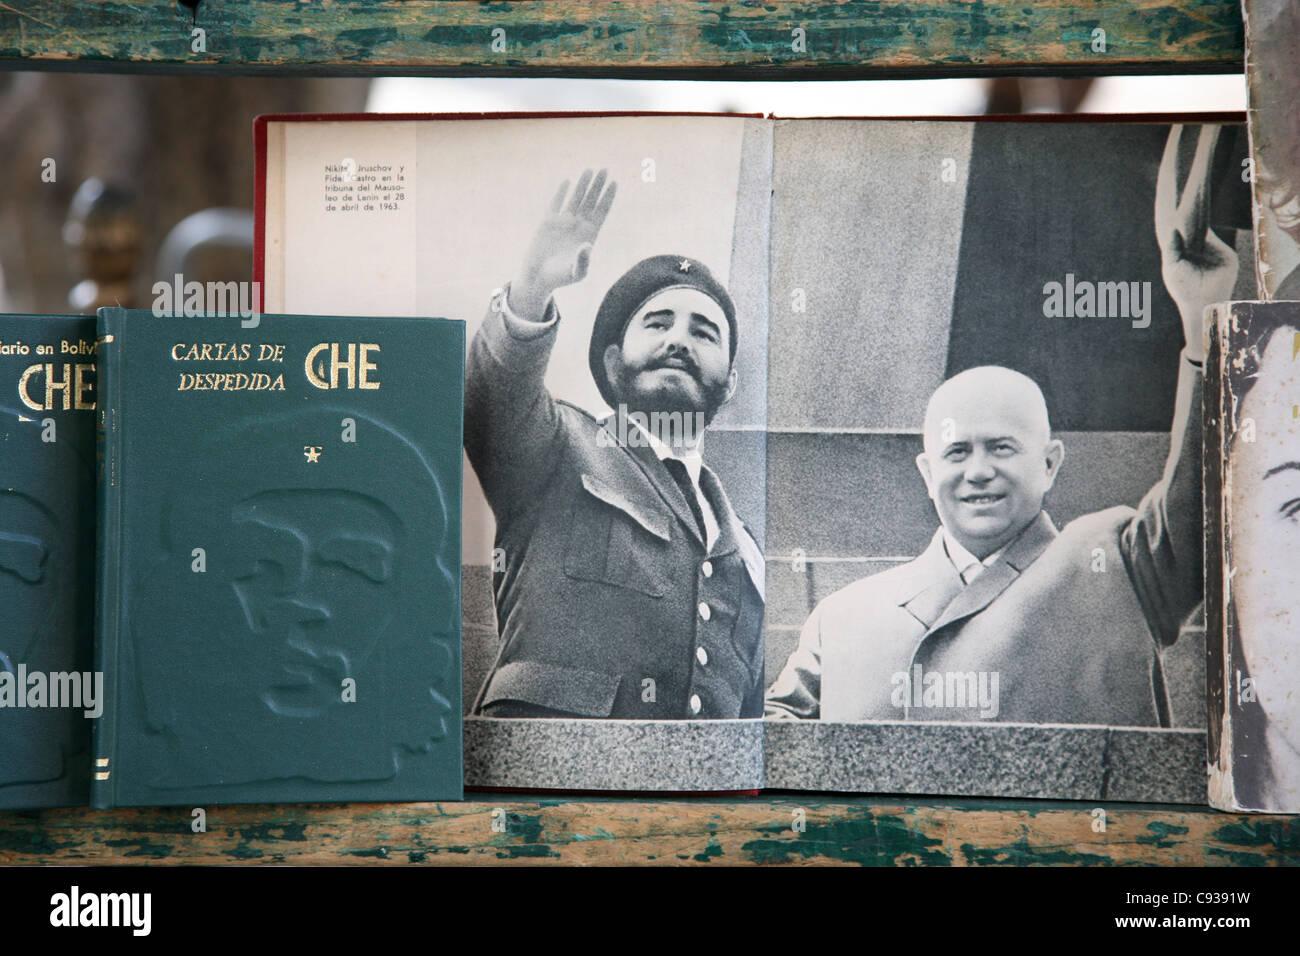 Fidel Castro und sowjetischer Führer Nikita Khrushchev gesehen in einem Buch auf dem Büchermarkt am Plaza Stockbild